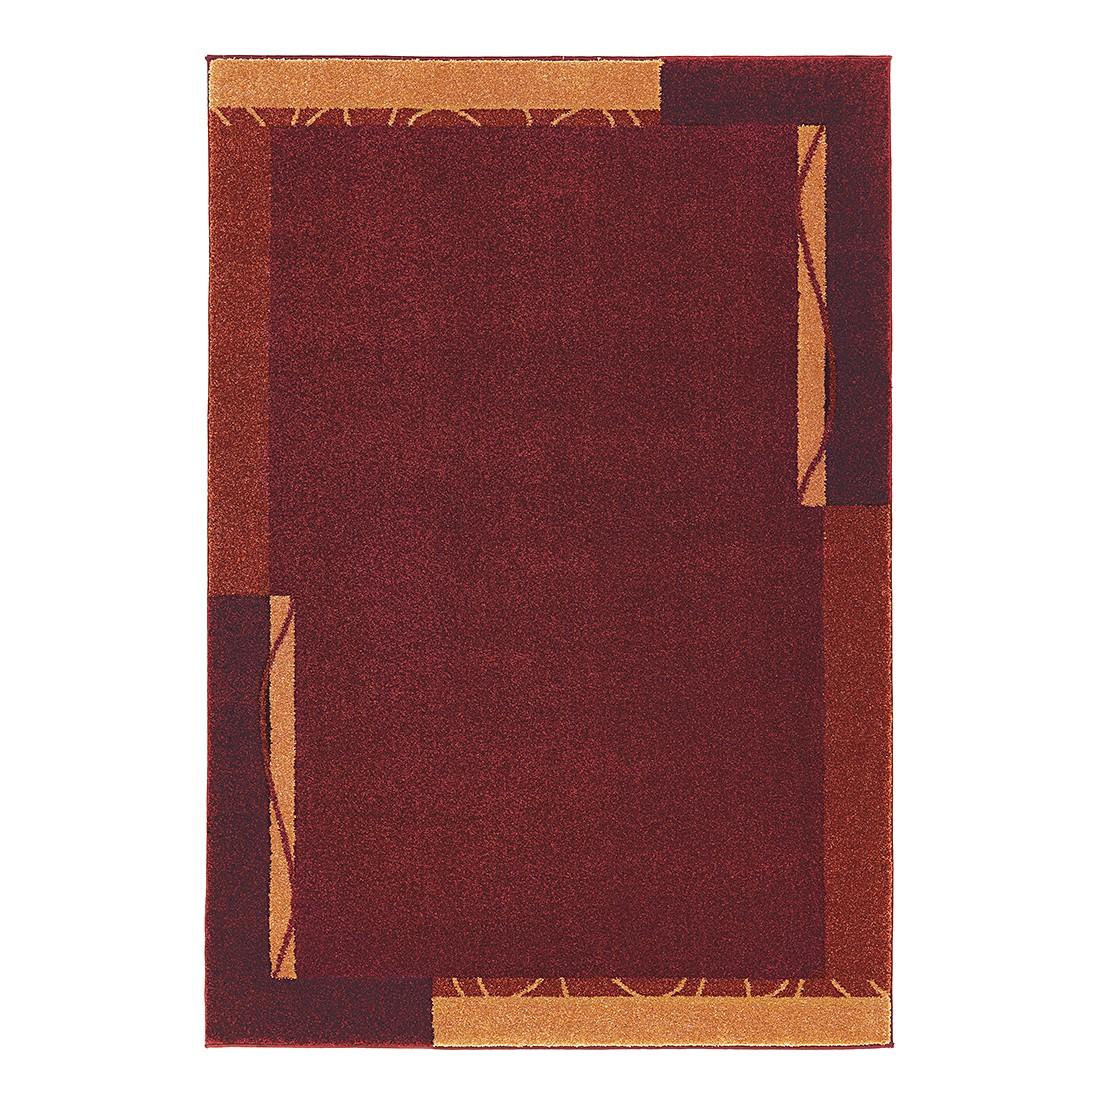 Tapijt Samoa III - rood 67x130cm, Astra